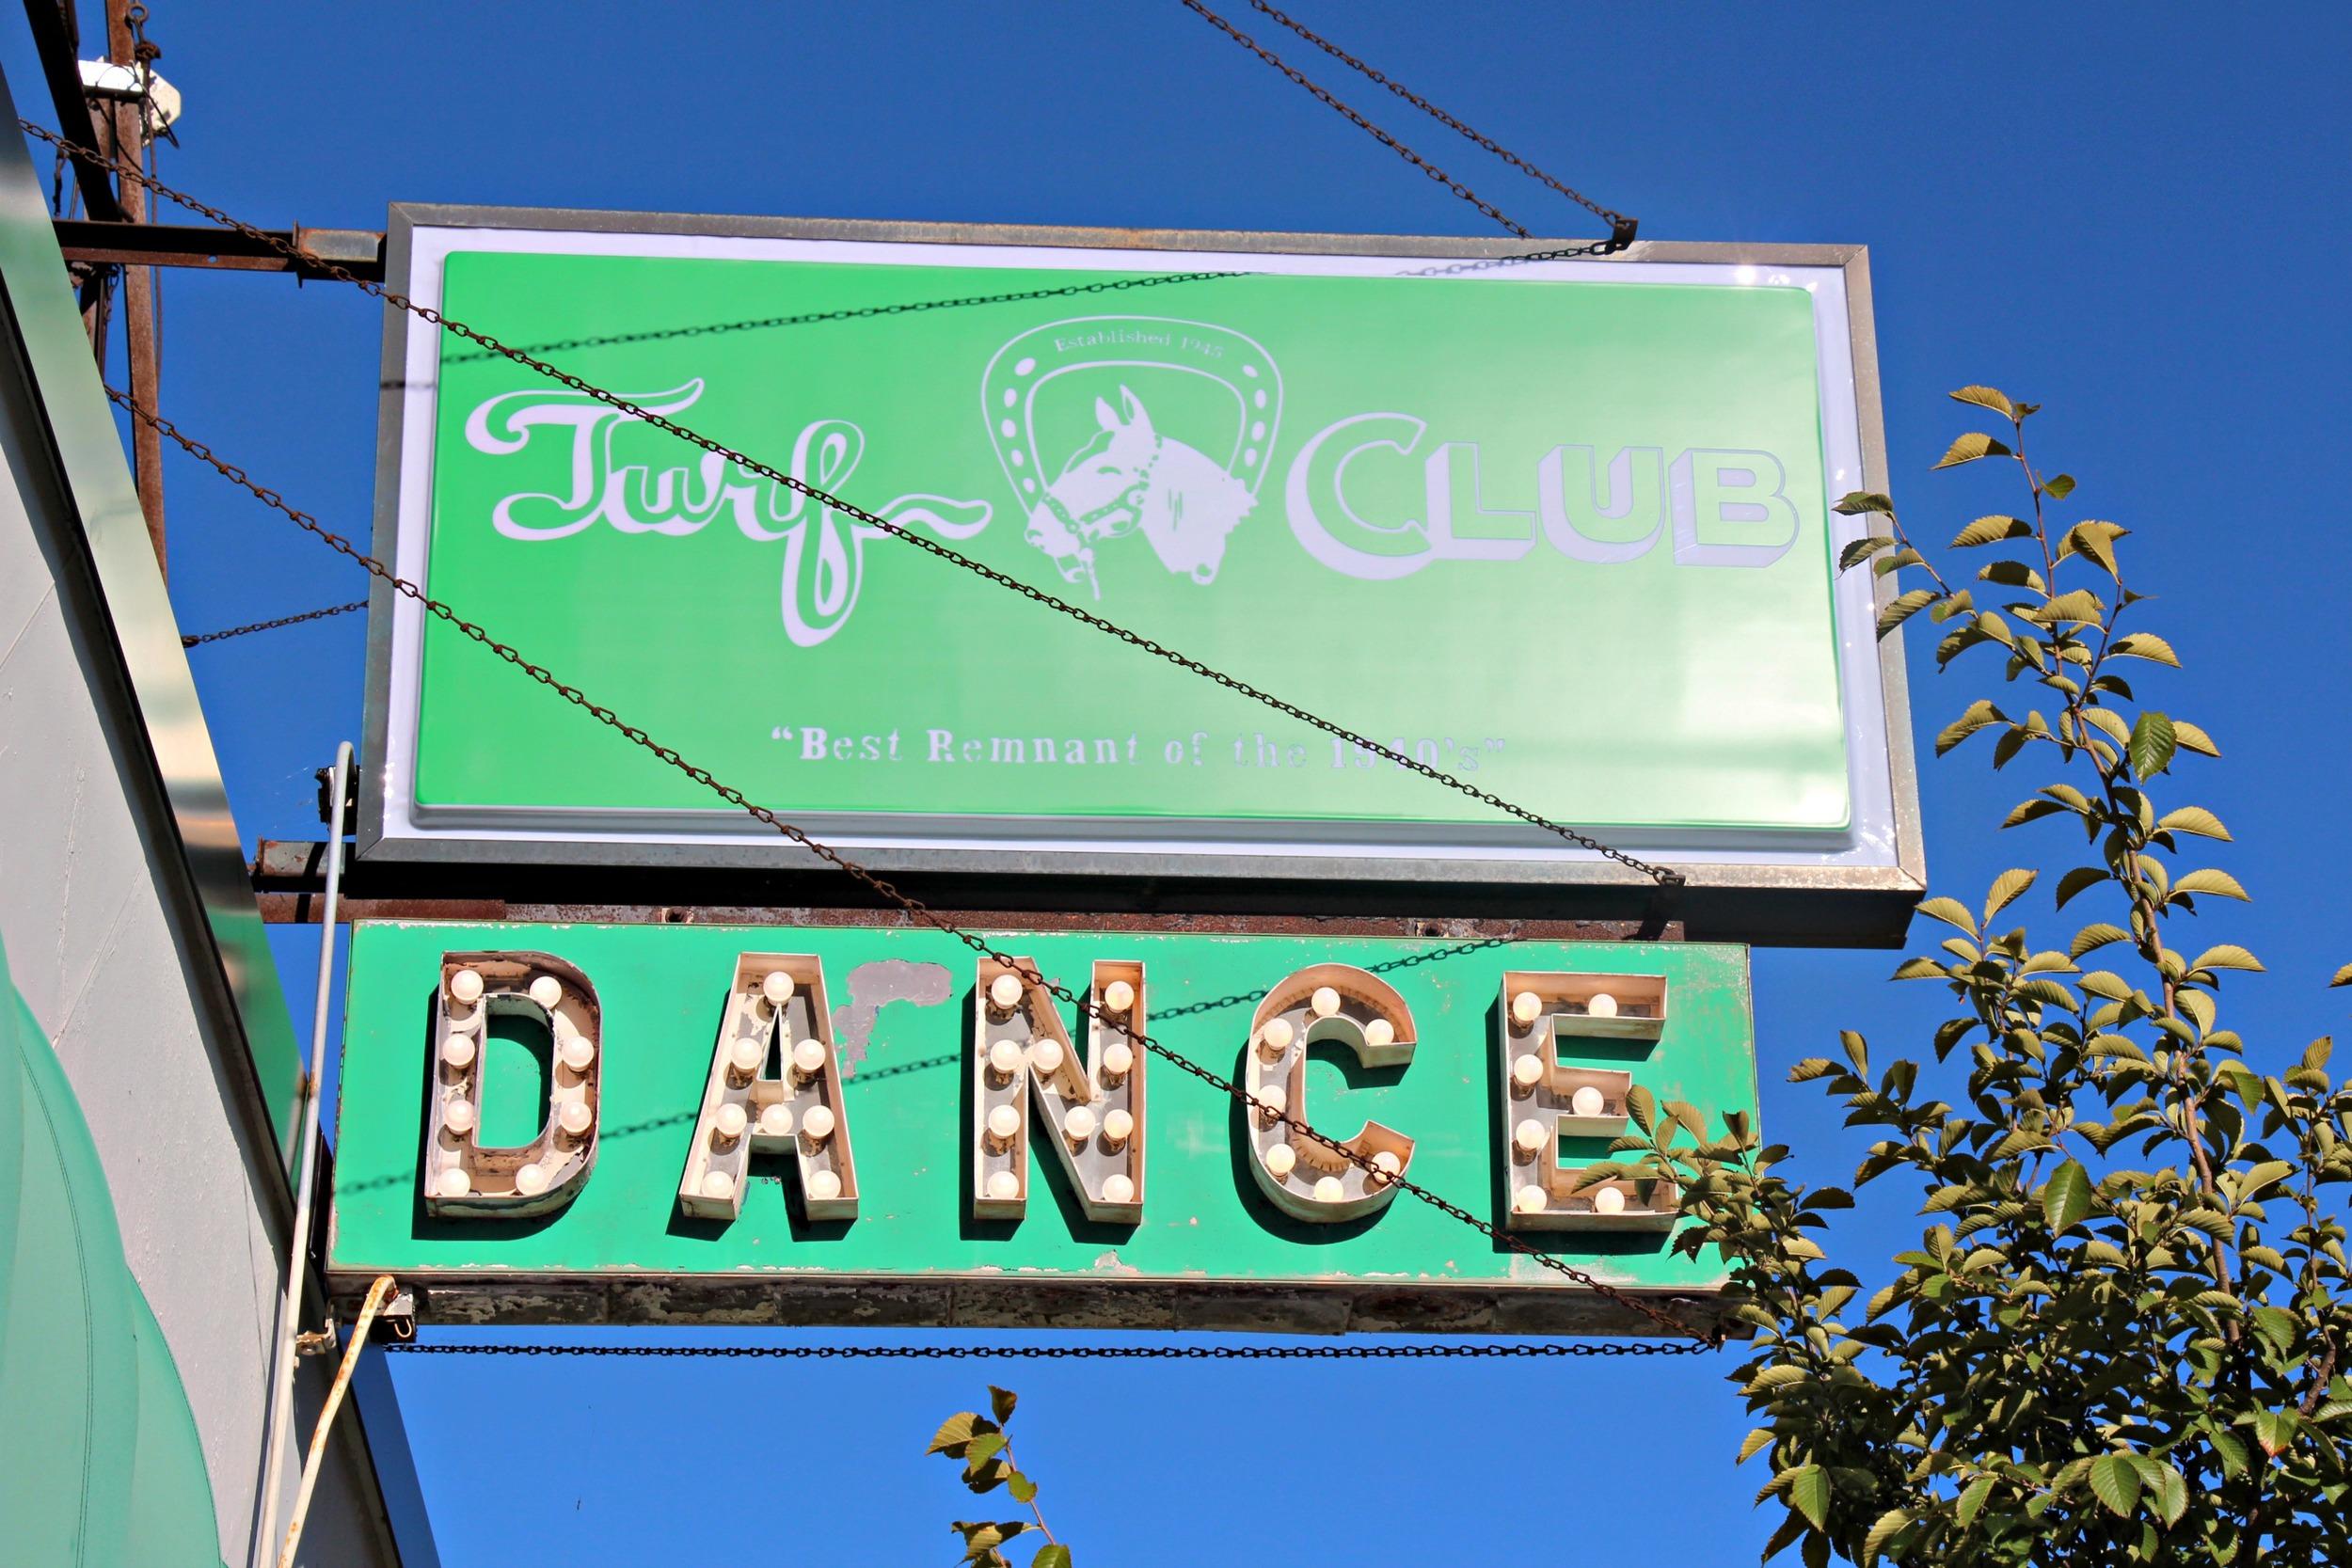 Turf Club St. Paul